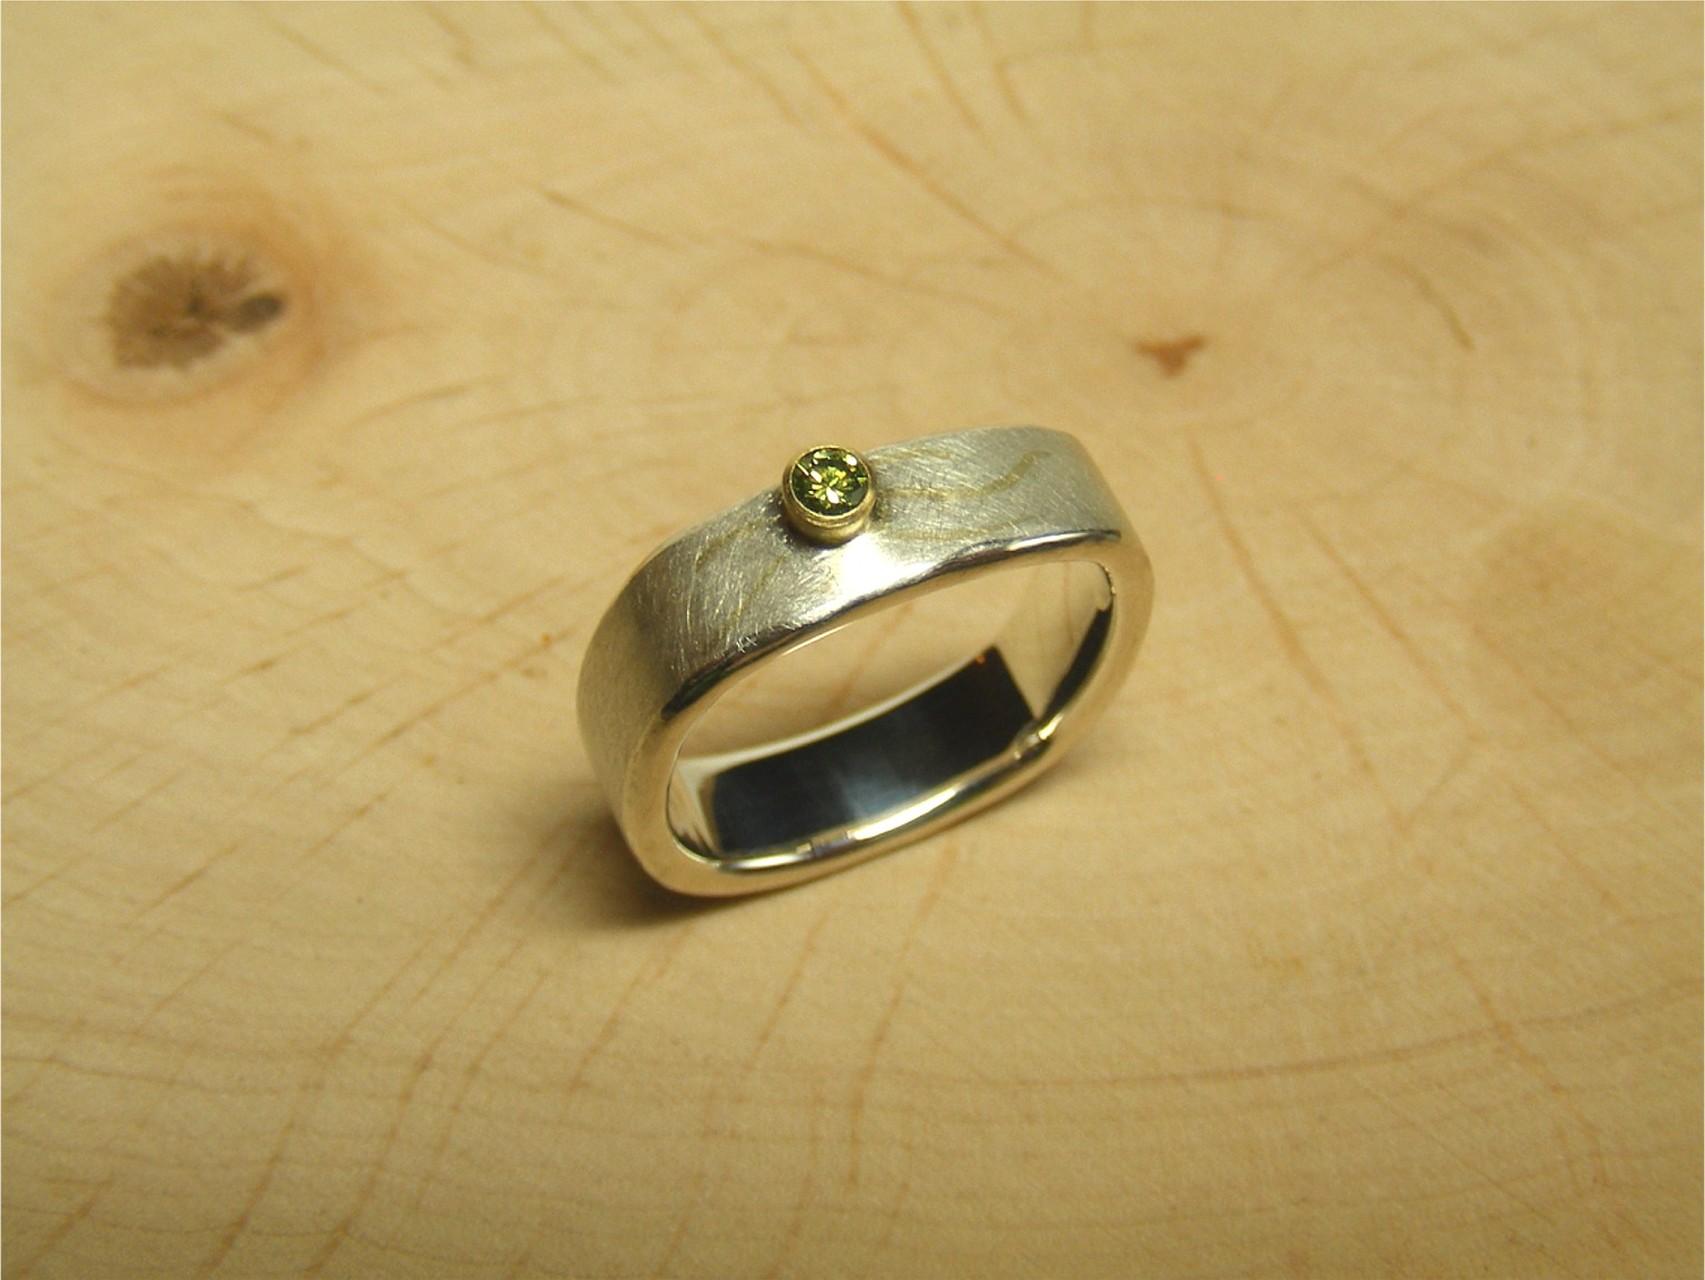 zilver, 18kt geelgoud en groene diamant VERKOCHT